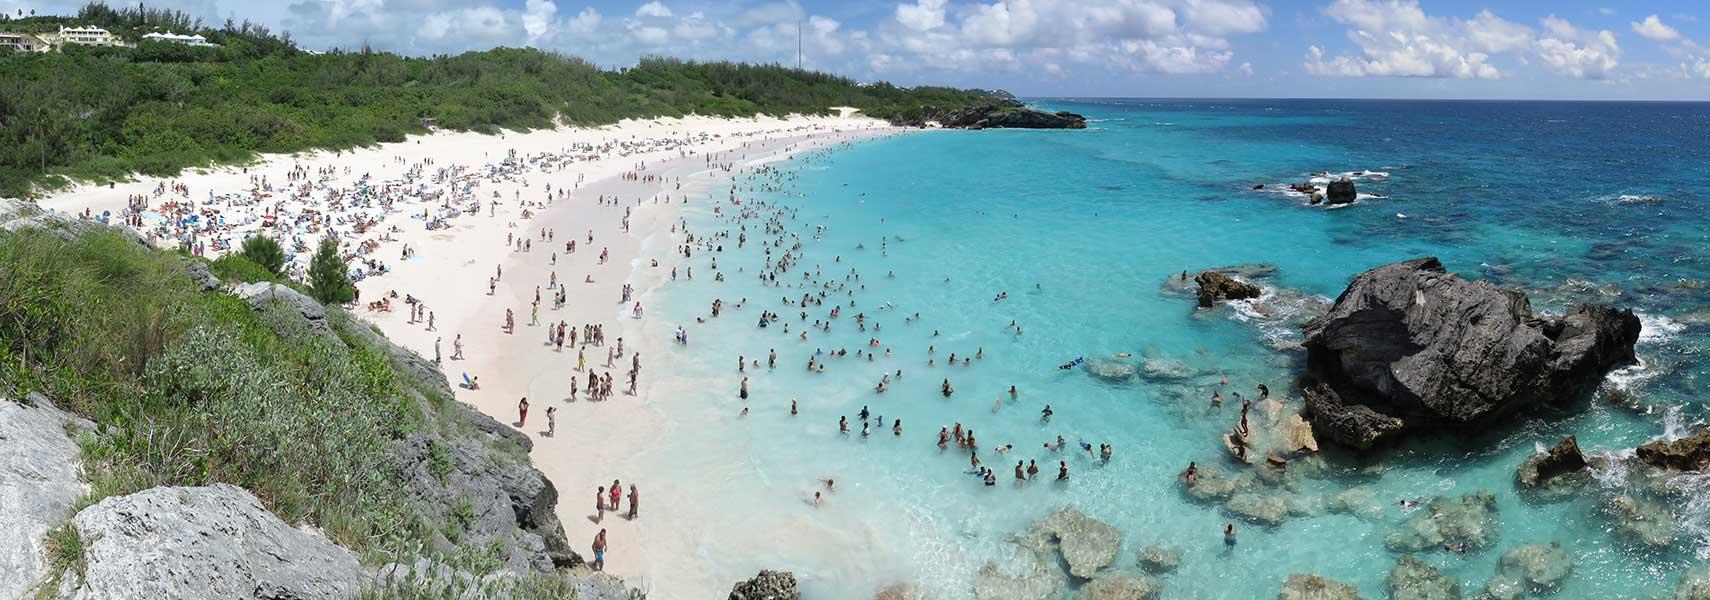 Bermuda   Country Profile   Visitors guide 1710x600